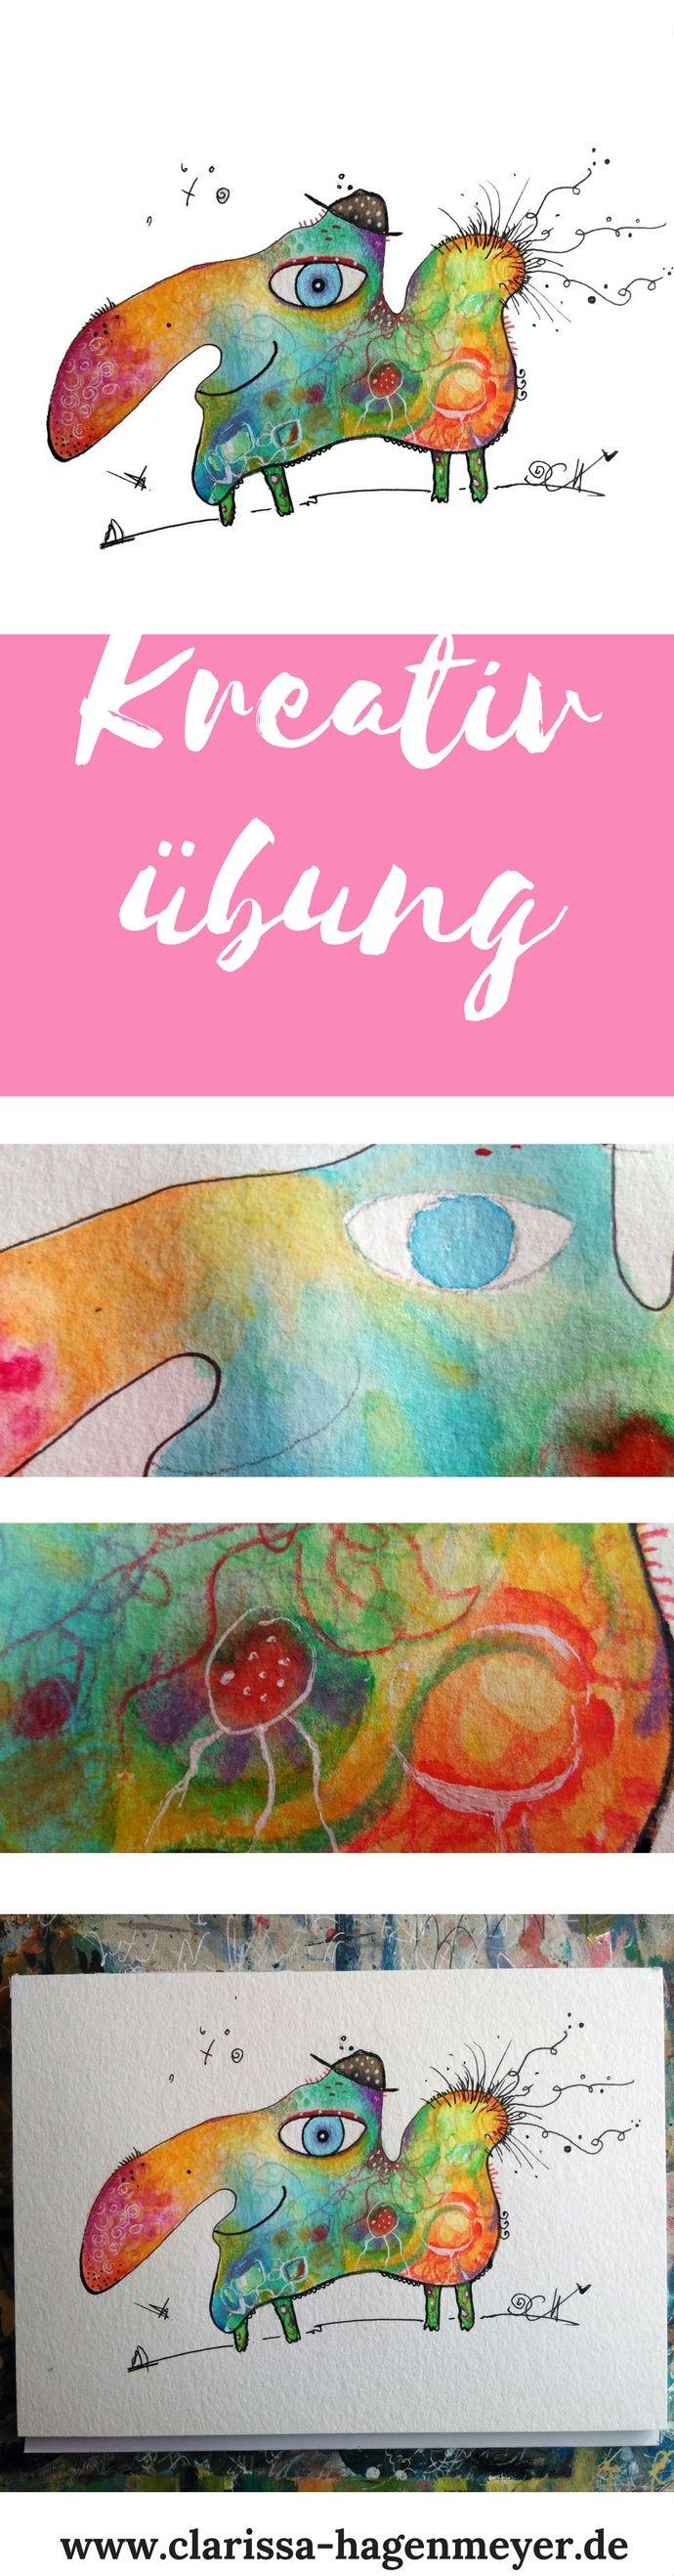 Kreativität und Flow: Mit dieser Kreativübung lernst du ganz frei von Ängsten und Druck zu malen. Hab einfach Spaß am Malen und an dieser einfachen Anleitung in Aquarell, Wasserfarbe oder mit Farbstiften! :-)